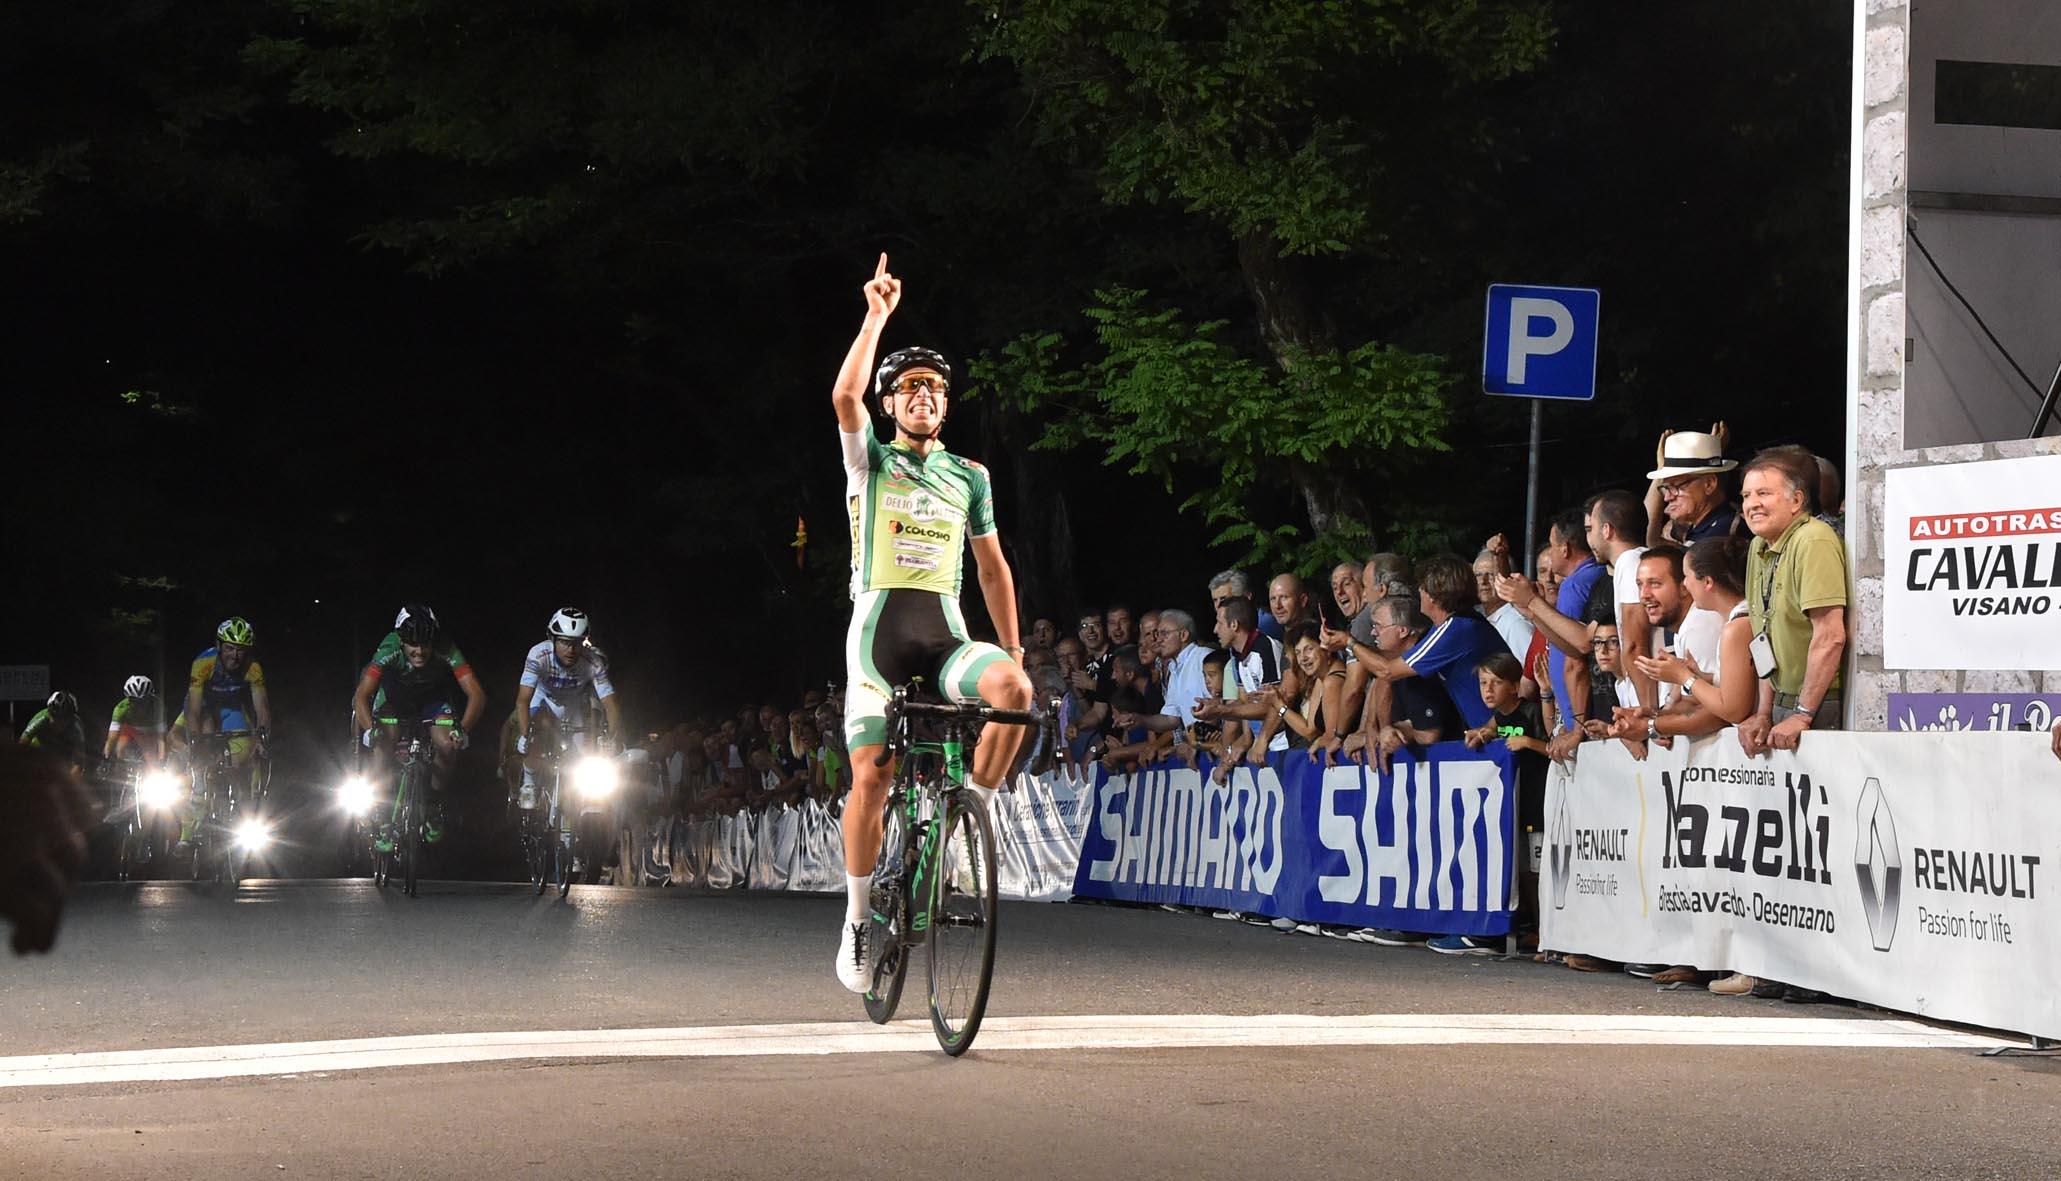 La vittoria di Alessandro Bresciani al Trofeo Città di Brescia